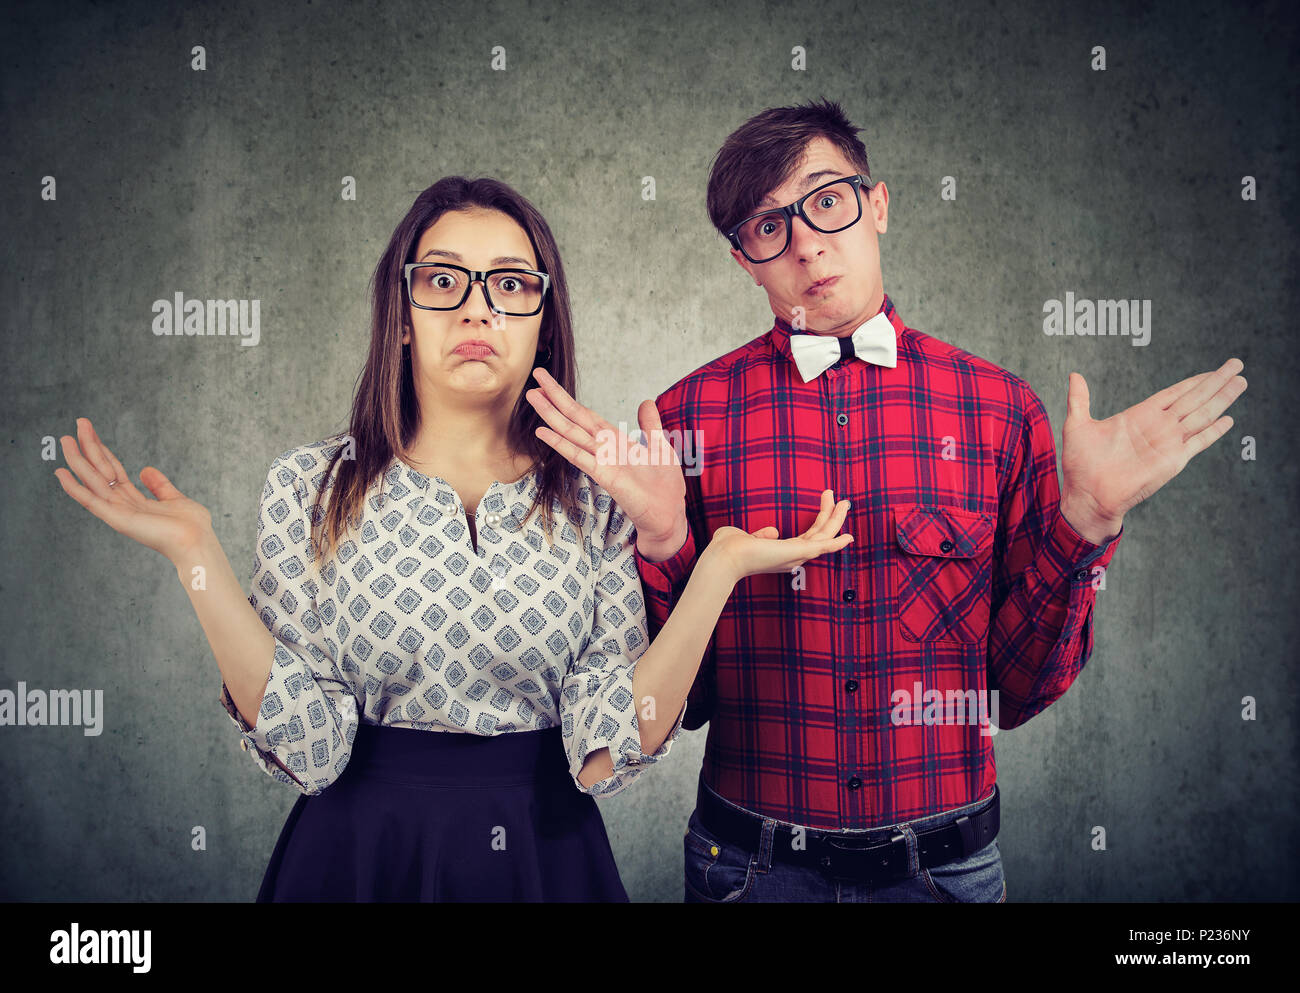 Joven elegante par de gafas mirando desorientado y encogerse de hombros con mirando a la cámara. Imagen De Stock